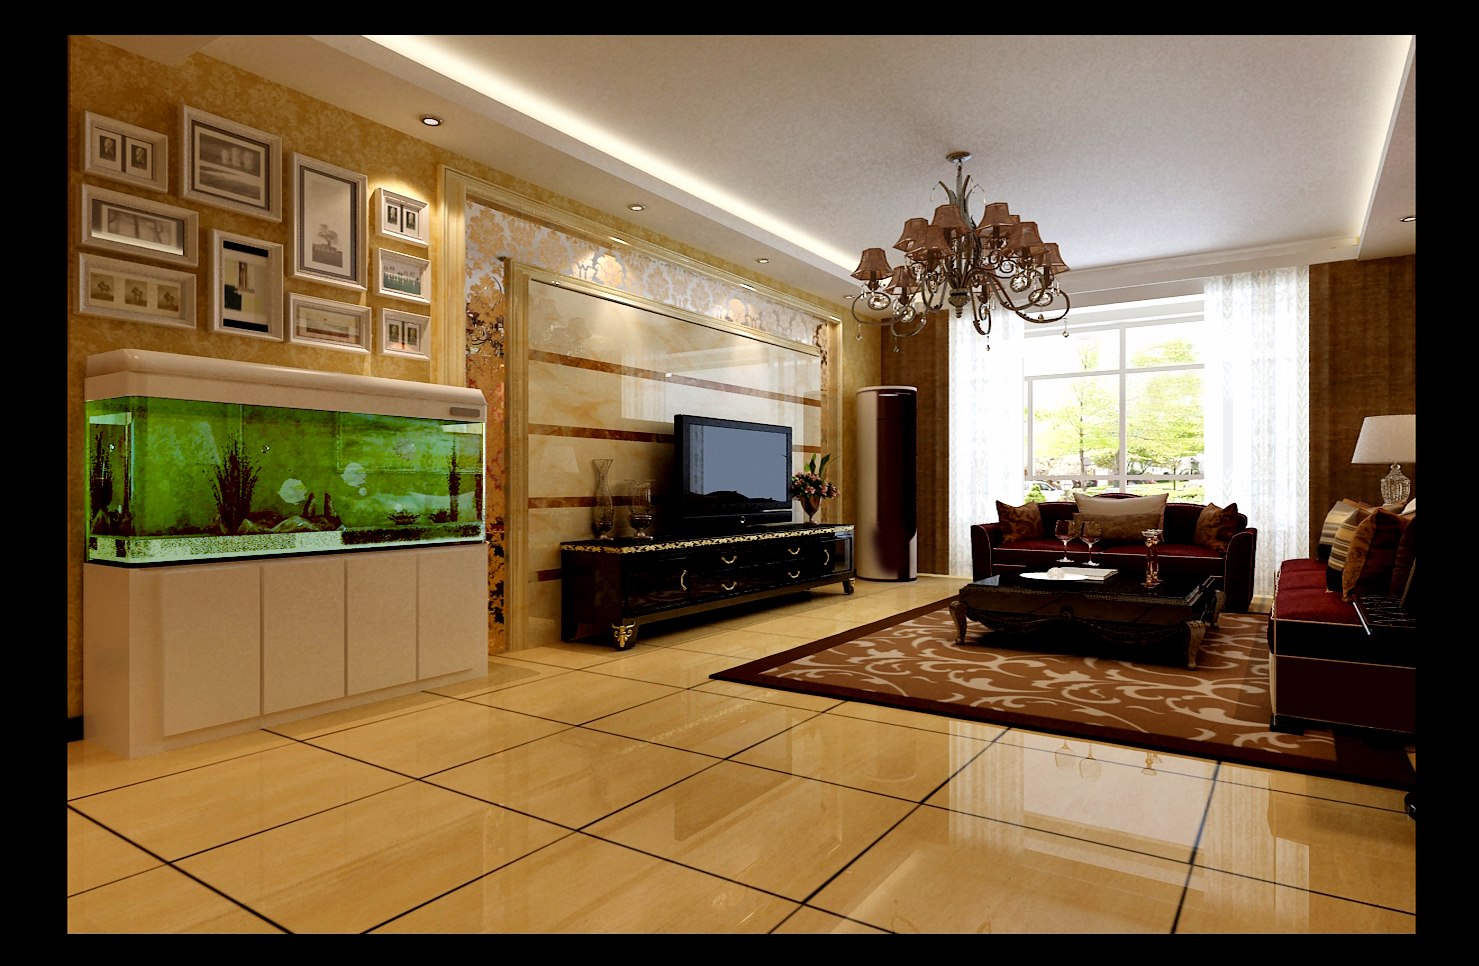 现代奢华 石家庄装修 四句 小资 新房 婚房 客厅图片来自用户5166203636在瑞城的分享